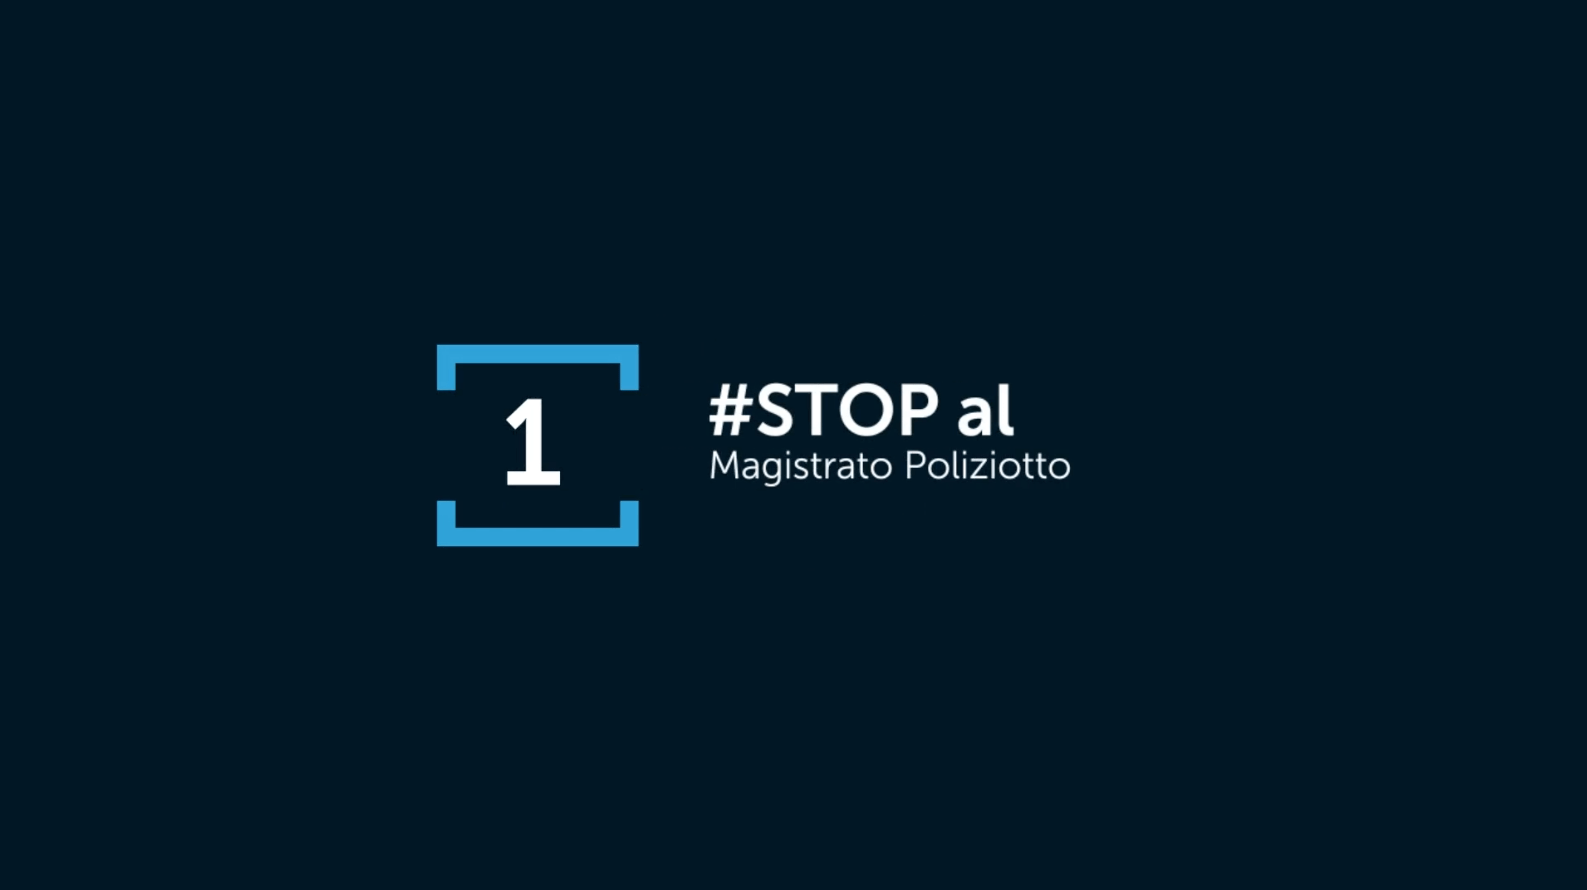 #STOP al Magistrato Poliziotto